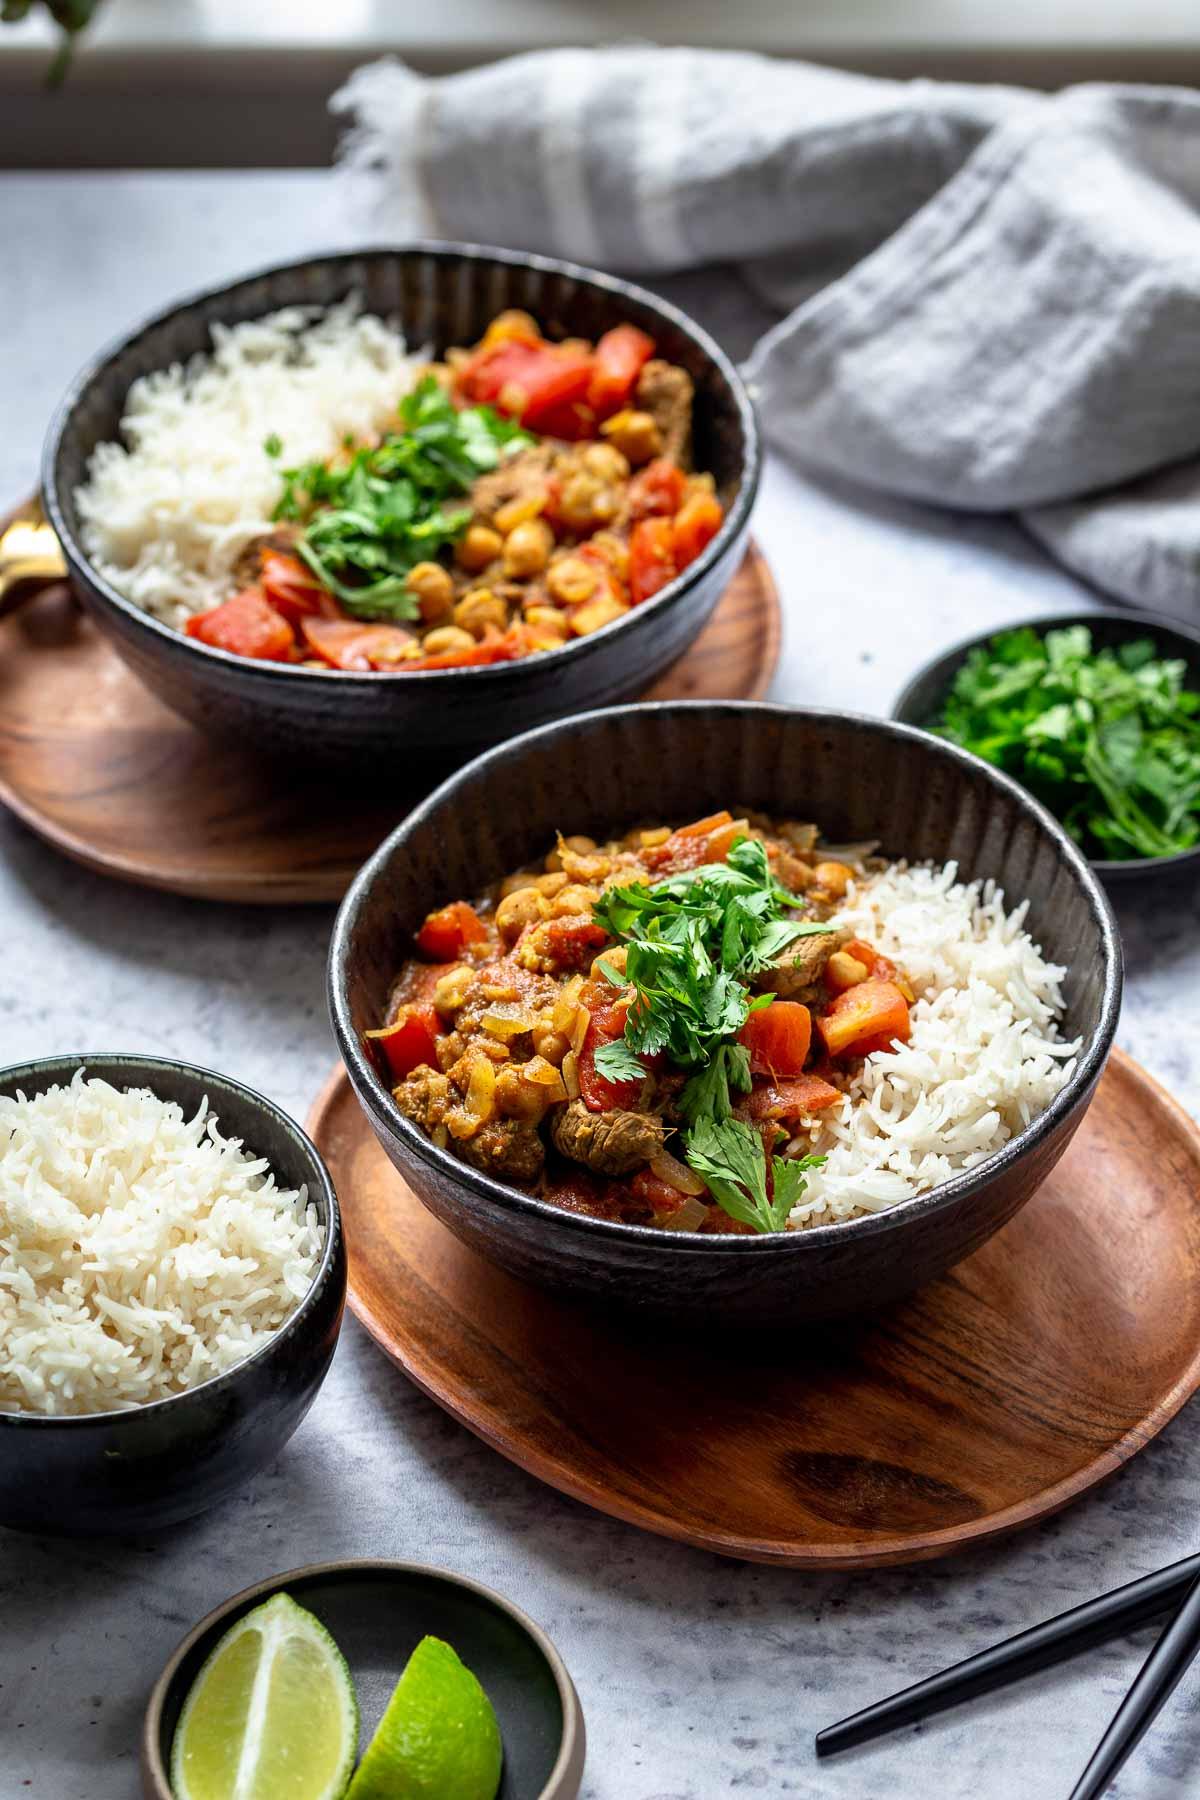 Lamm Curry mit Kichererbsen, Tomaten und Basmati Reis